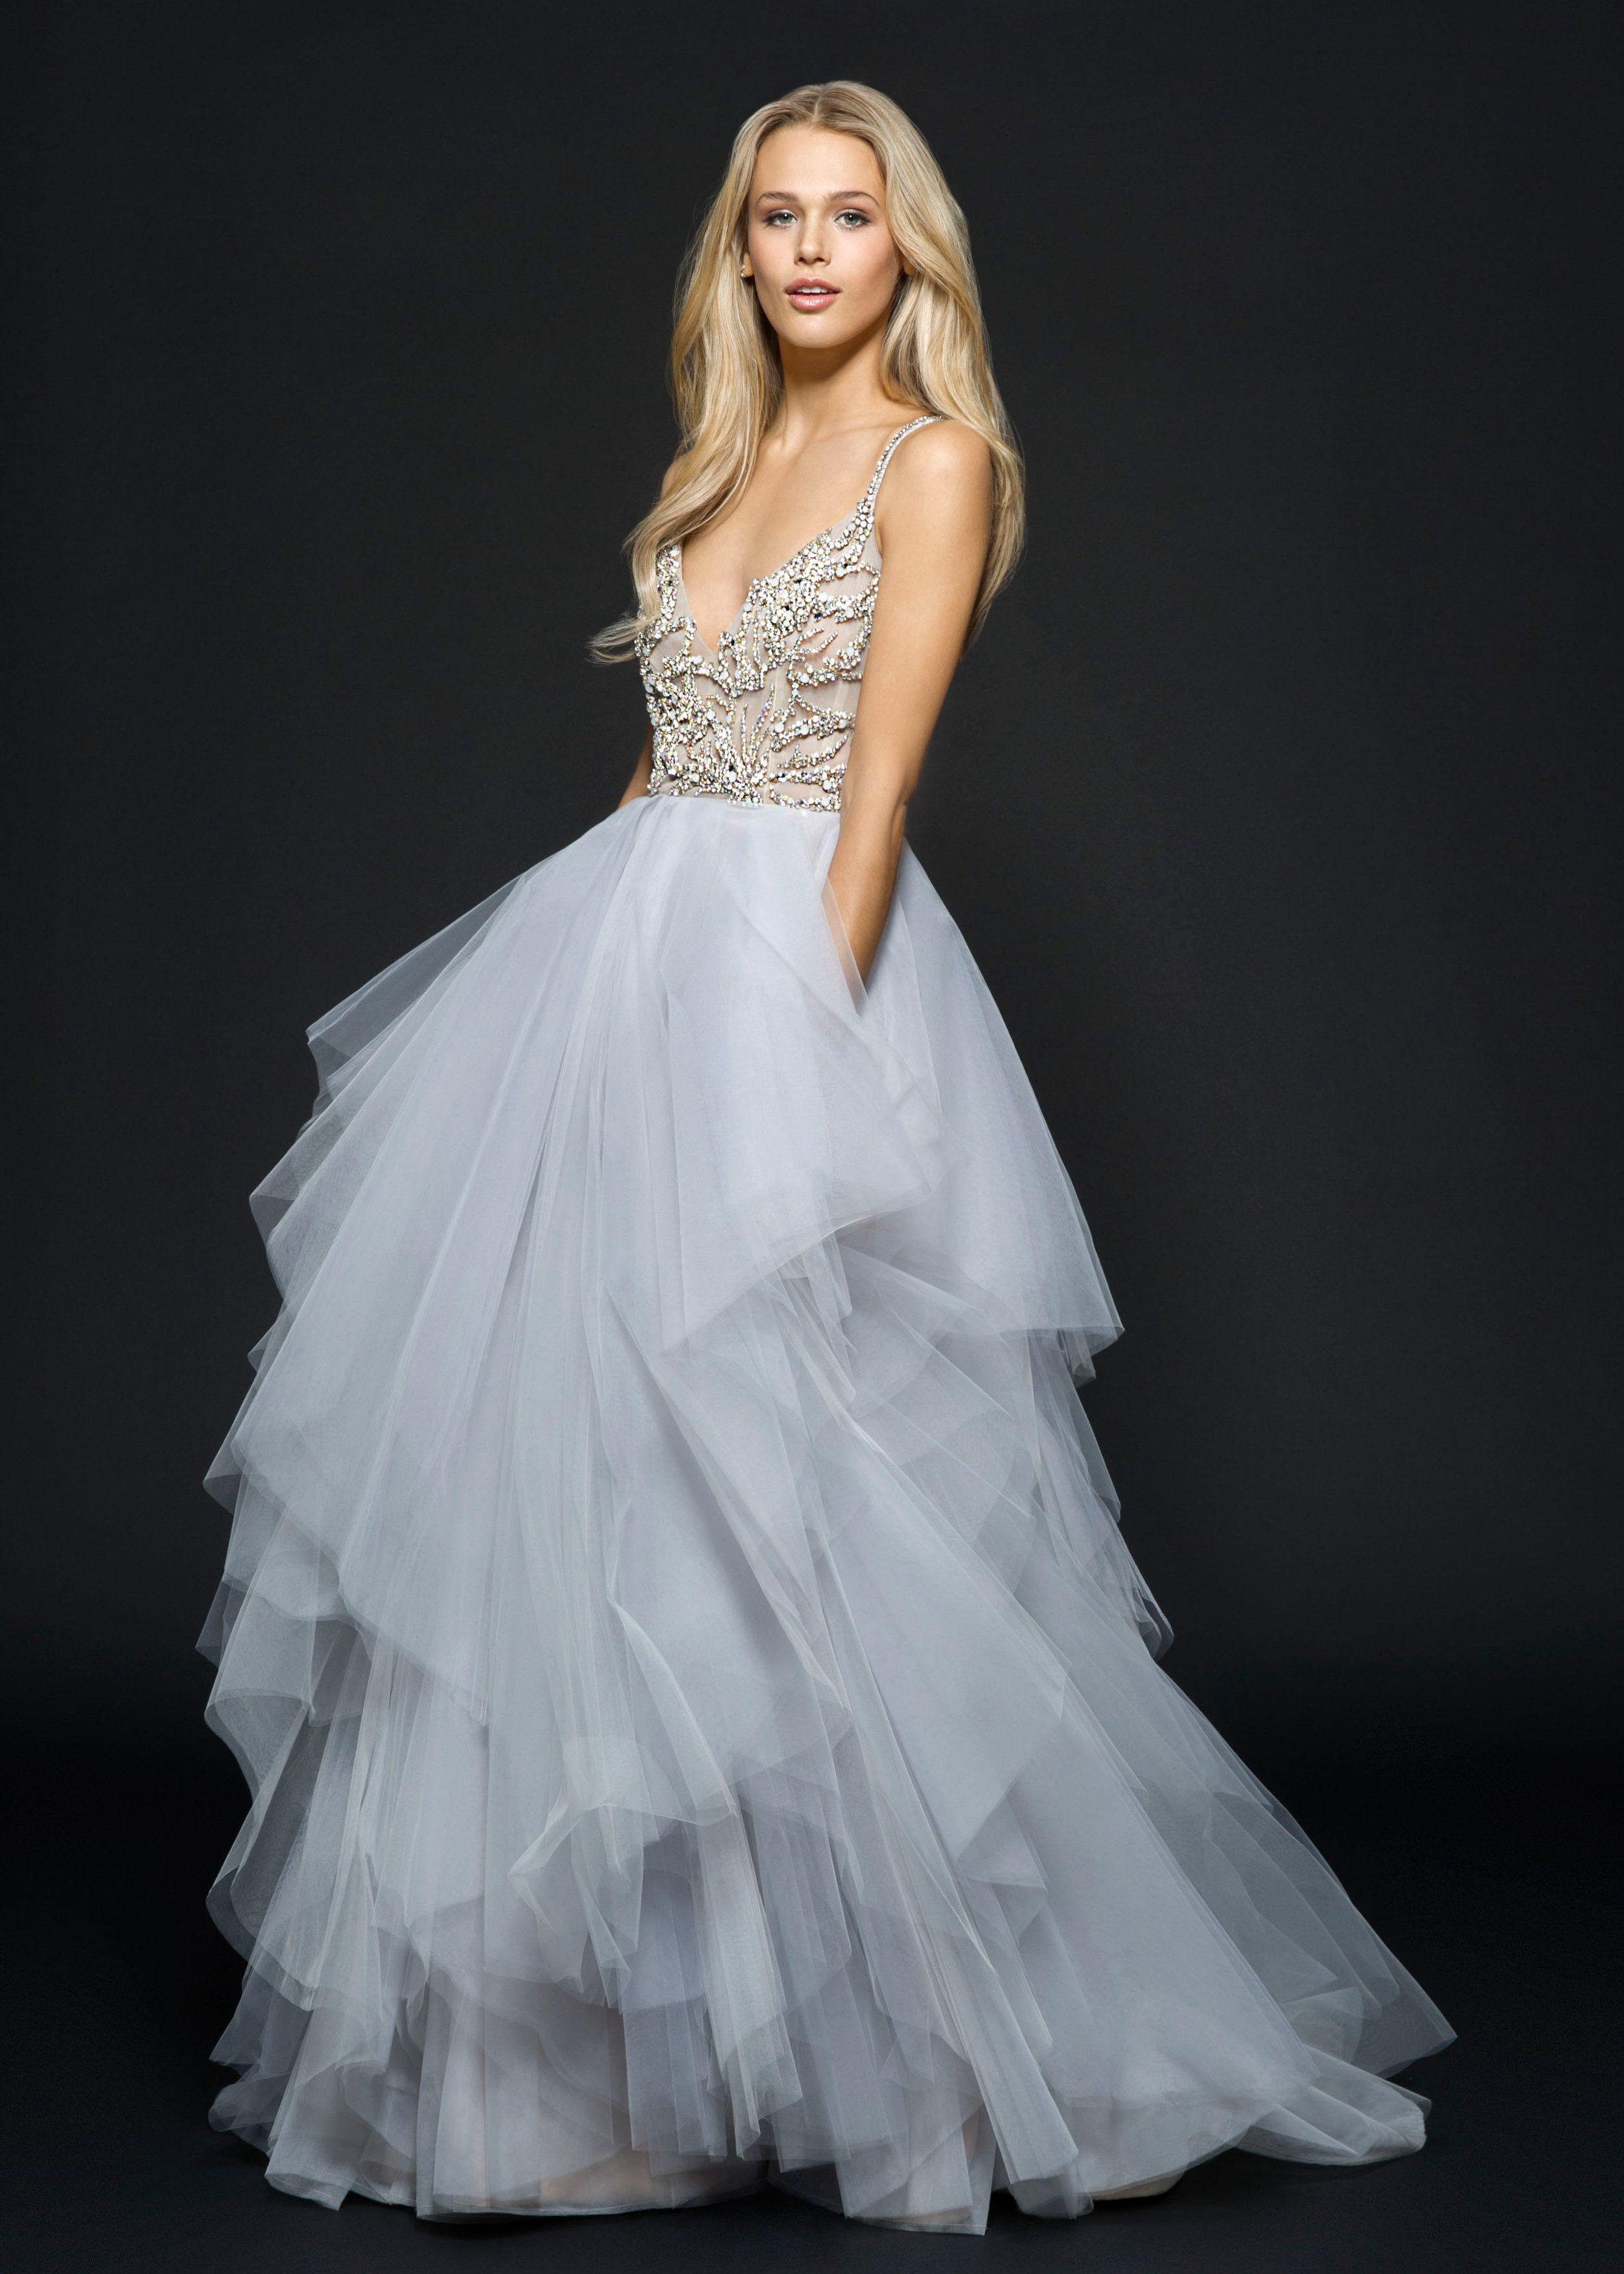 wedding dress vancouver | deweddingjpg.com